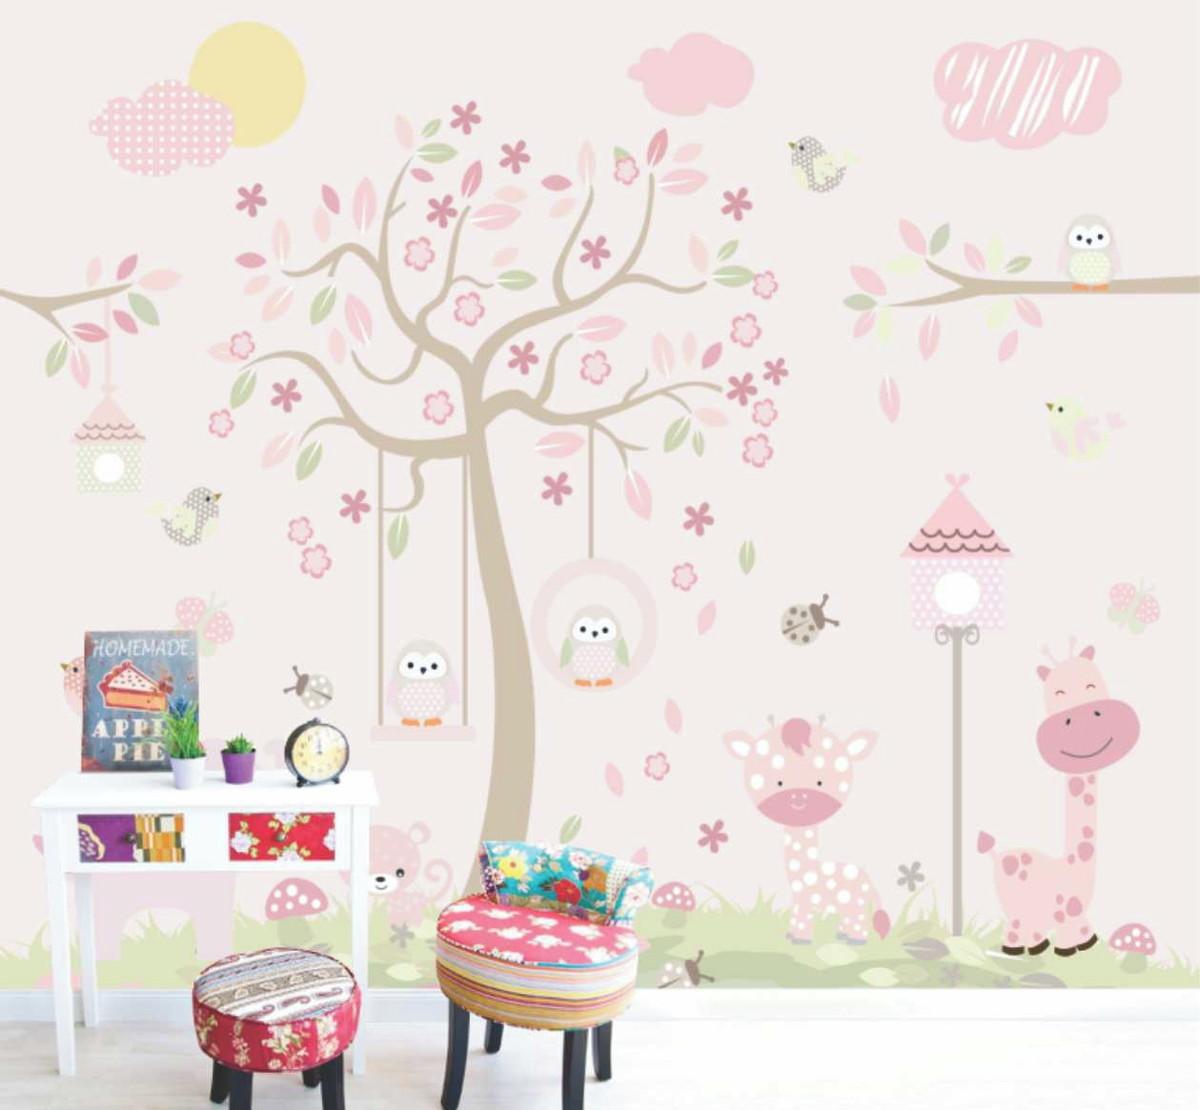 Adesivo Infantil Bebê Menina Arvore Bichos Fundo Rosa M72 No Elo7